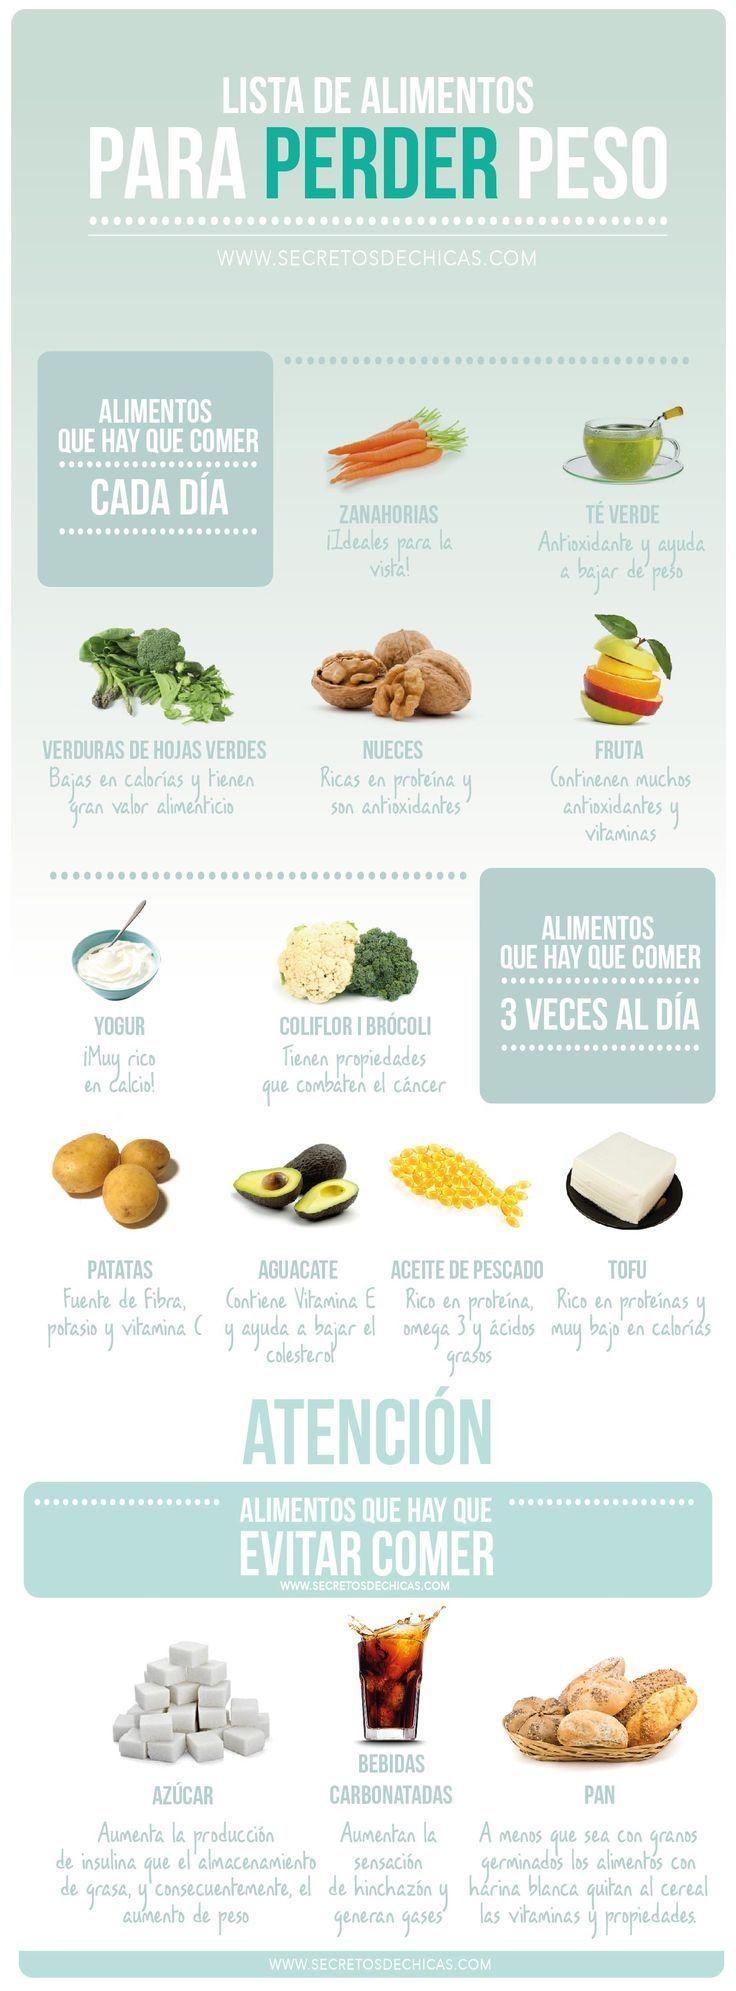 Alimentos que ayudan a perder peso. #infografia #alimentación